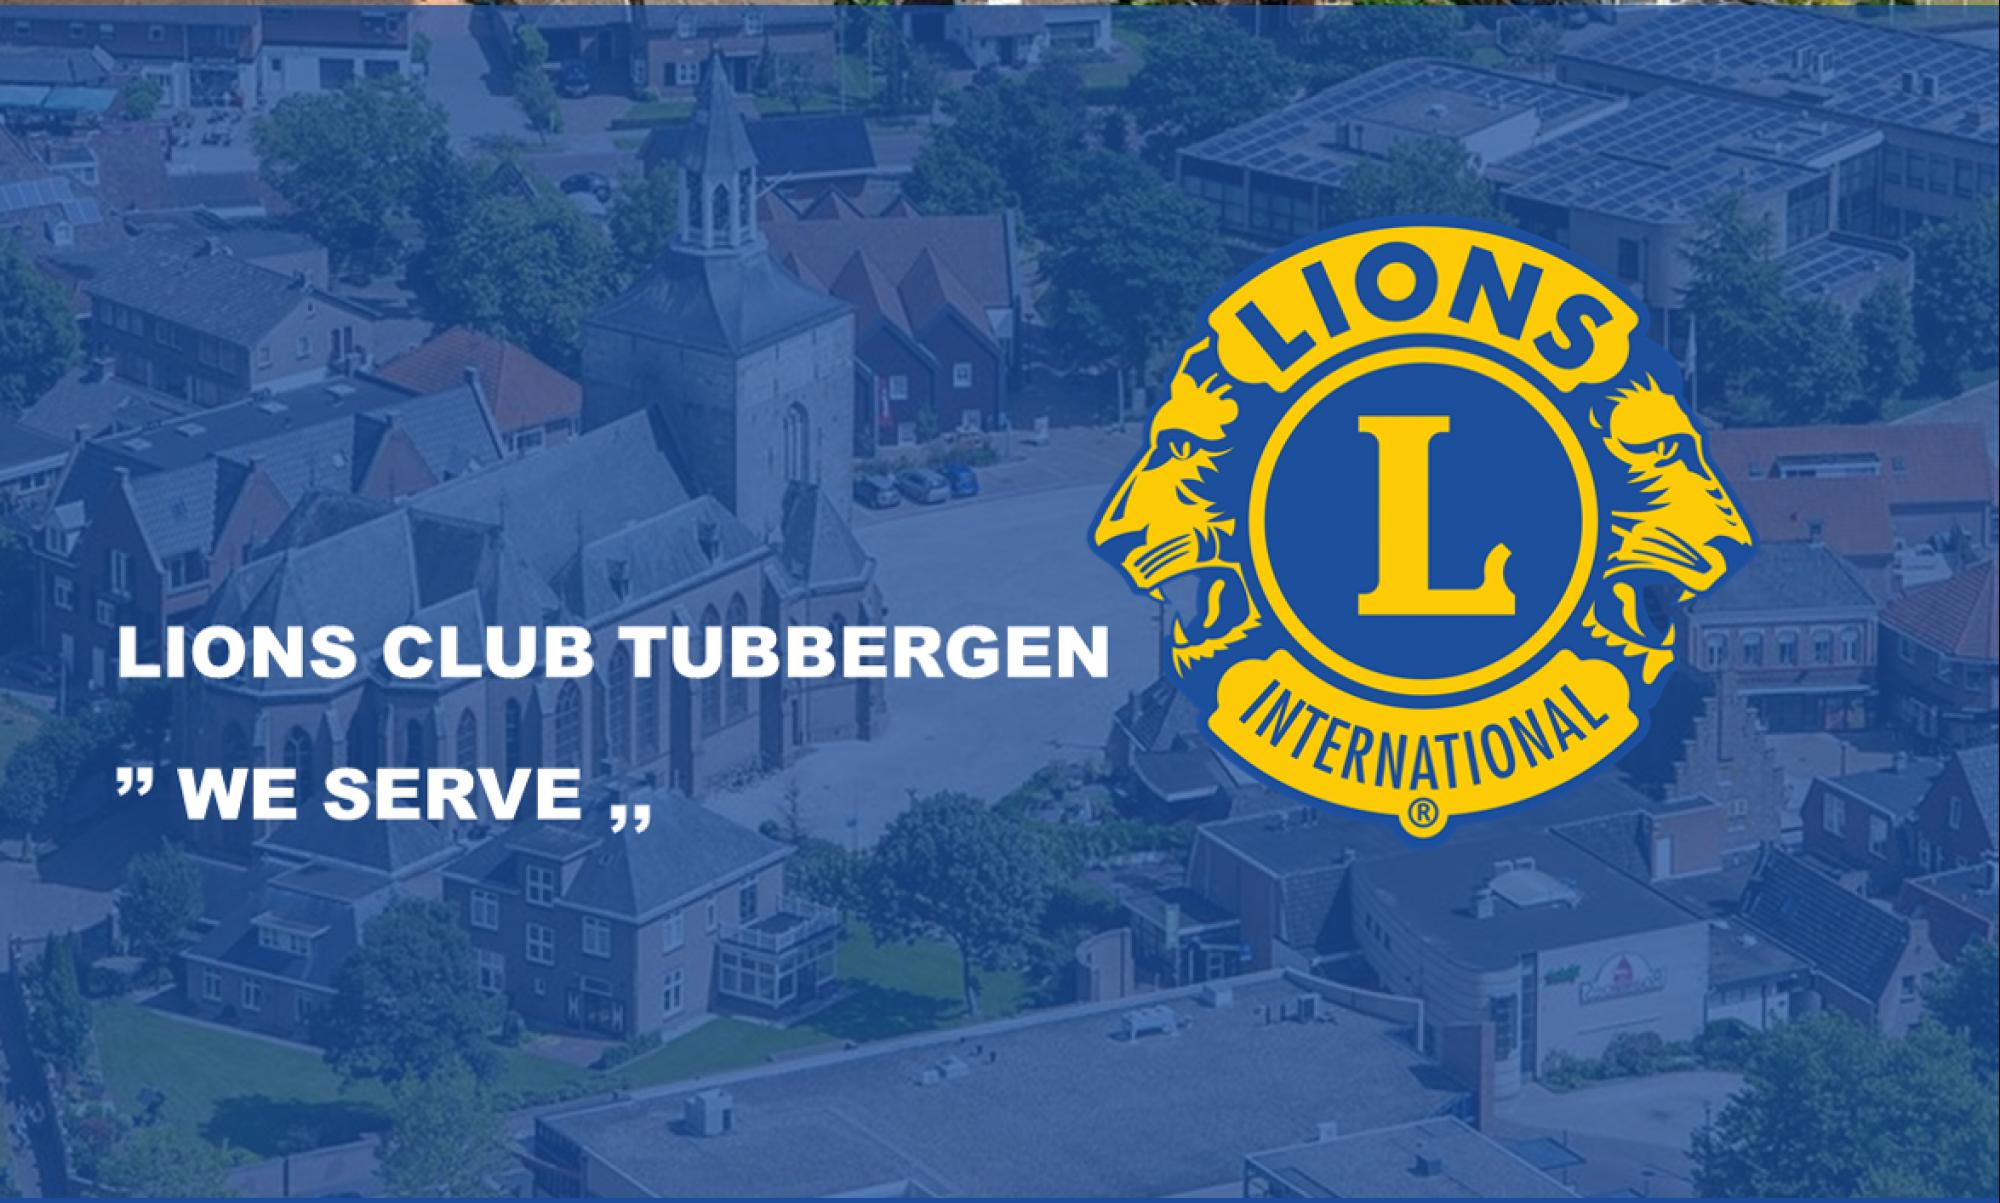 Lions Club Tubbergen